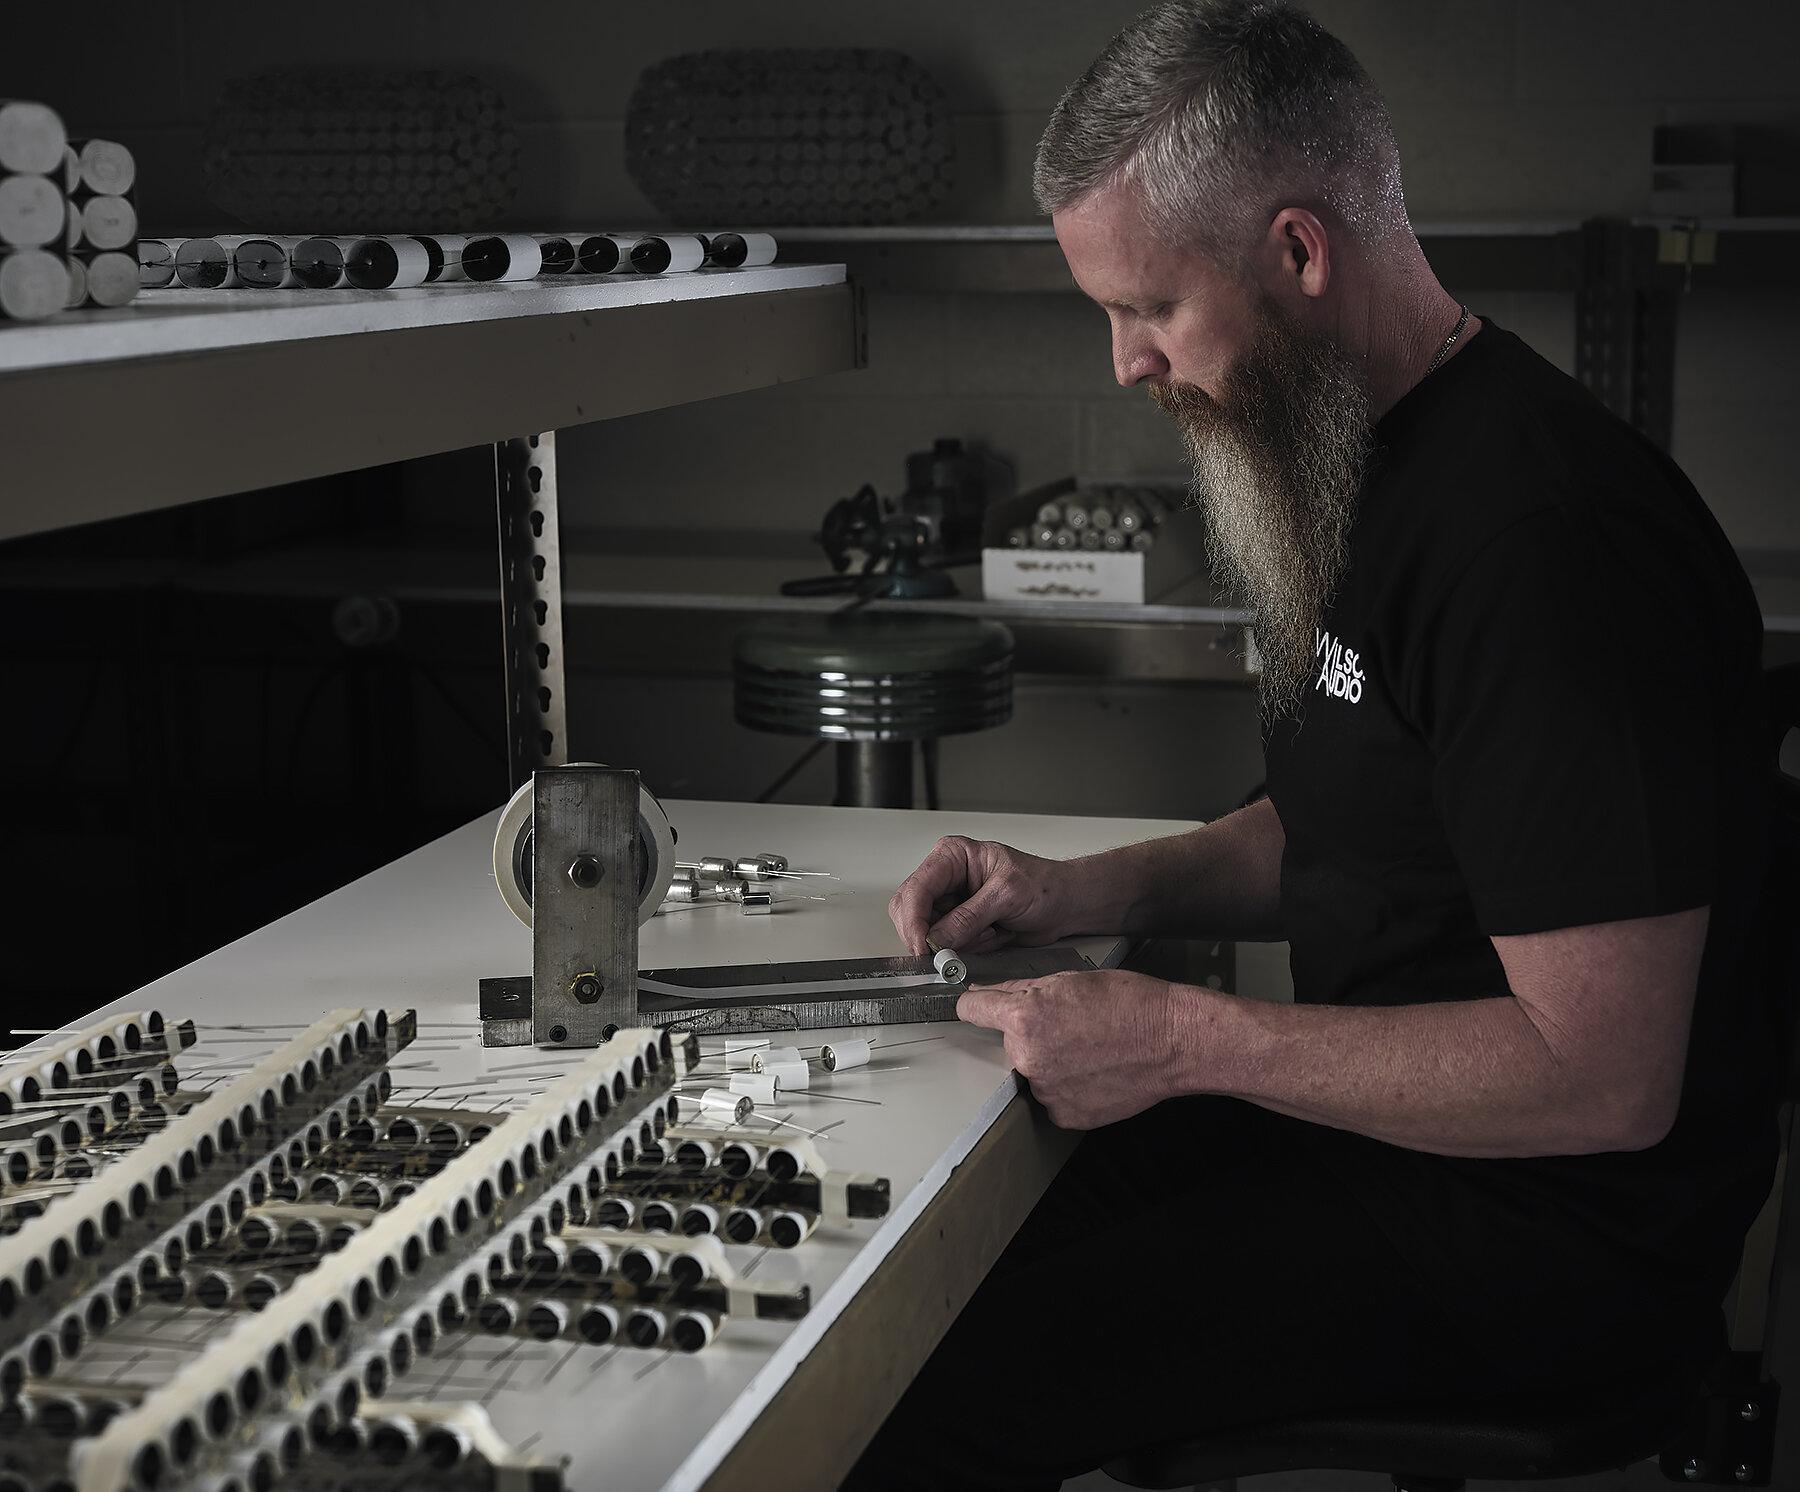 men on repairing